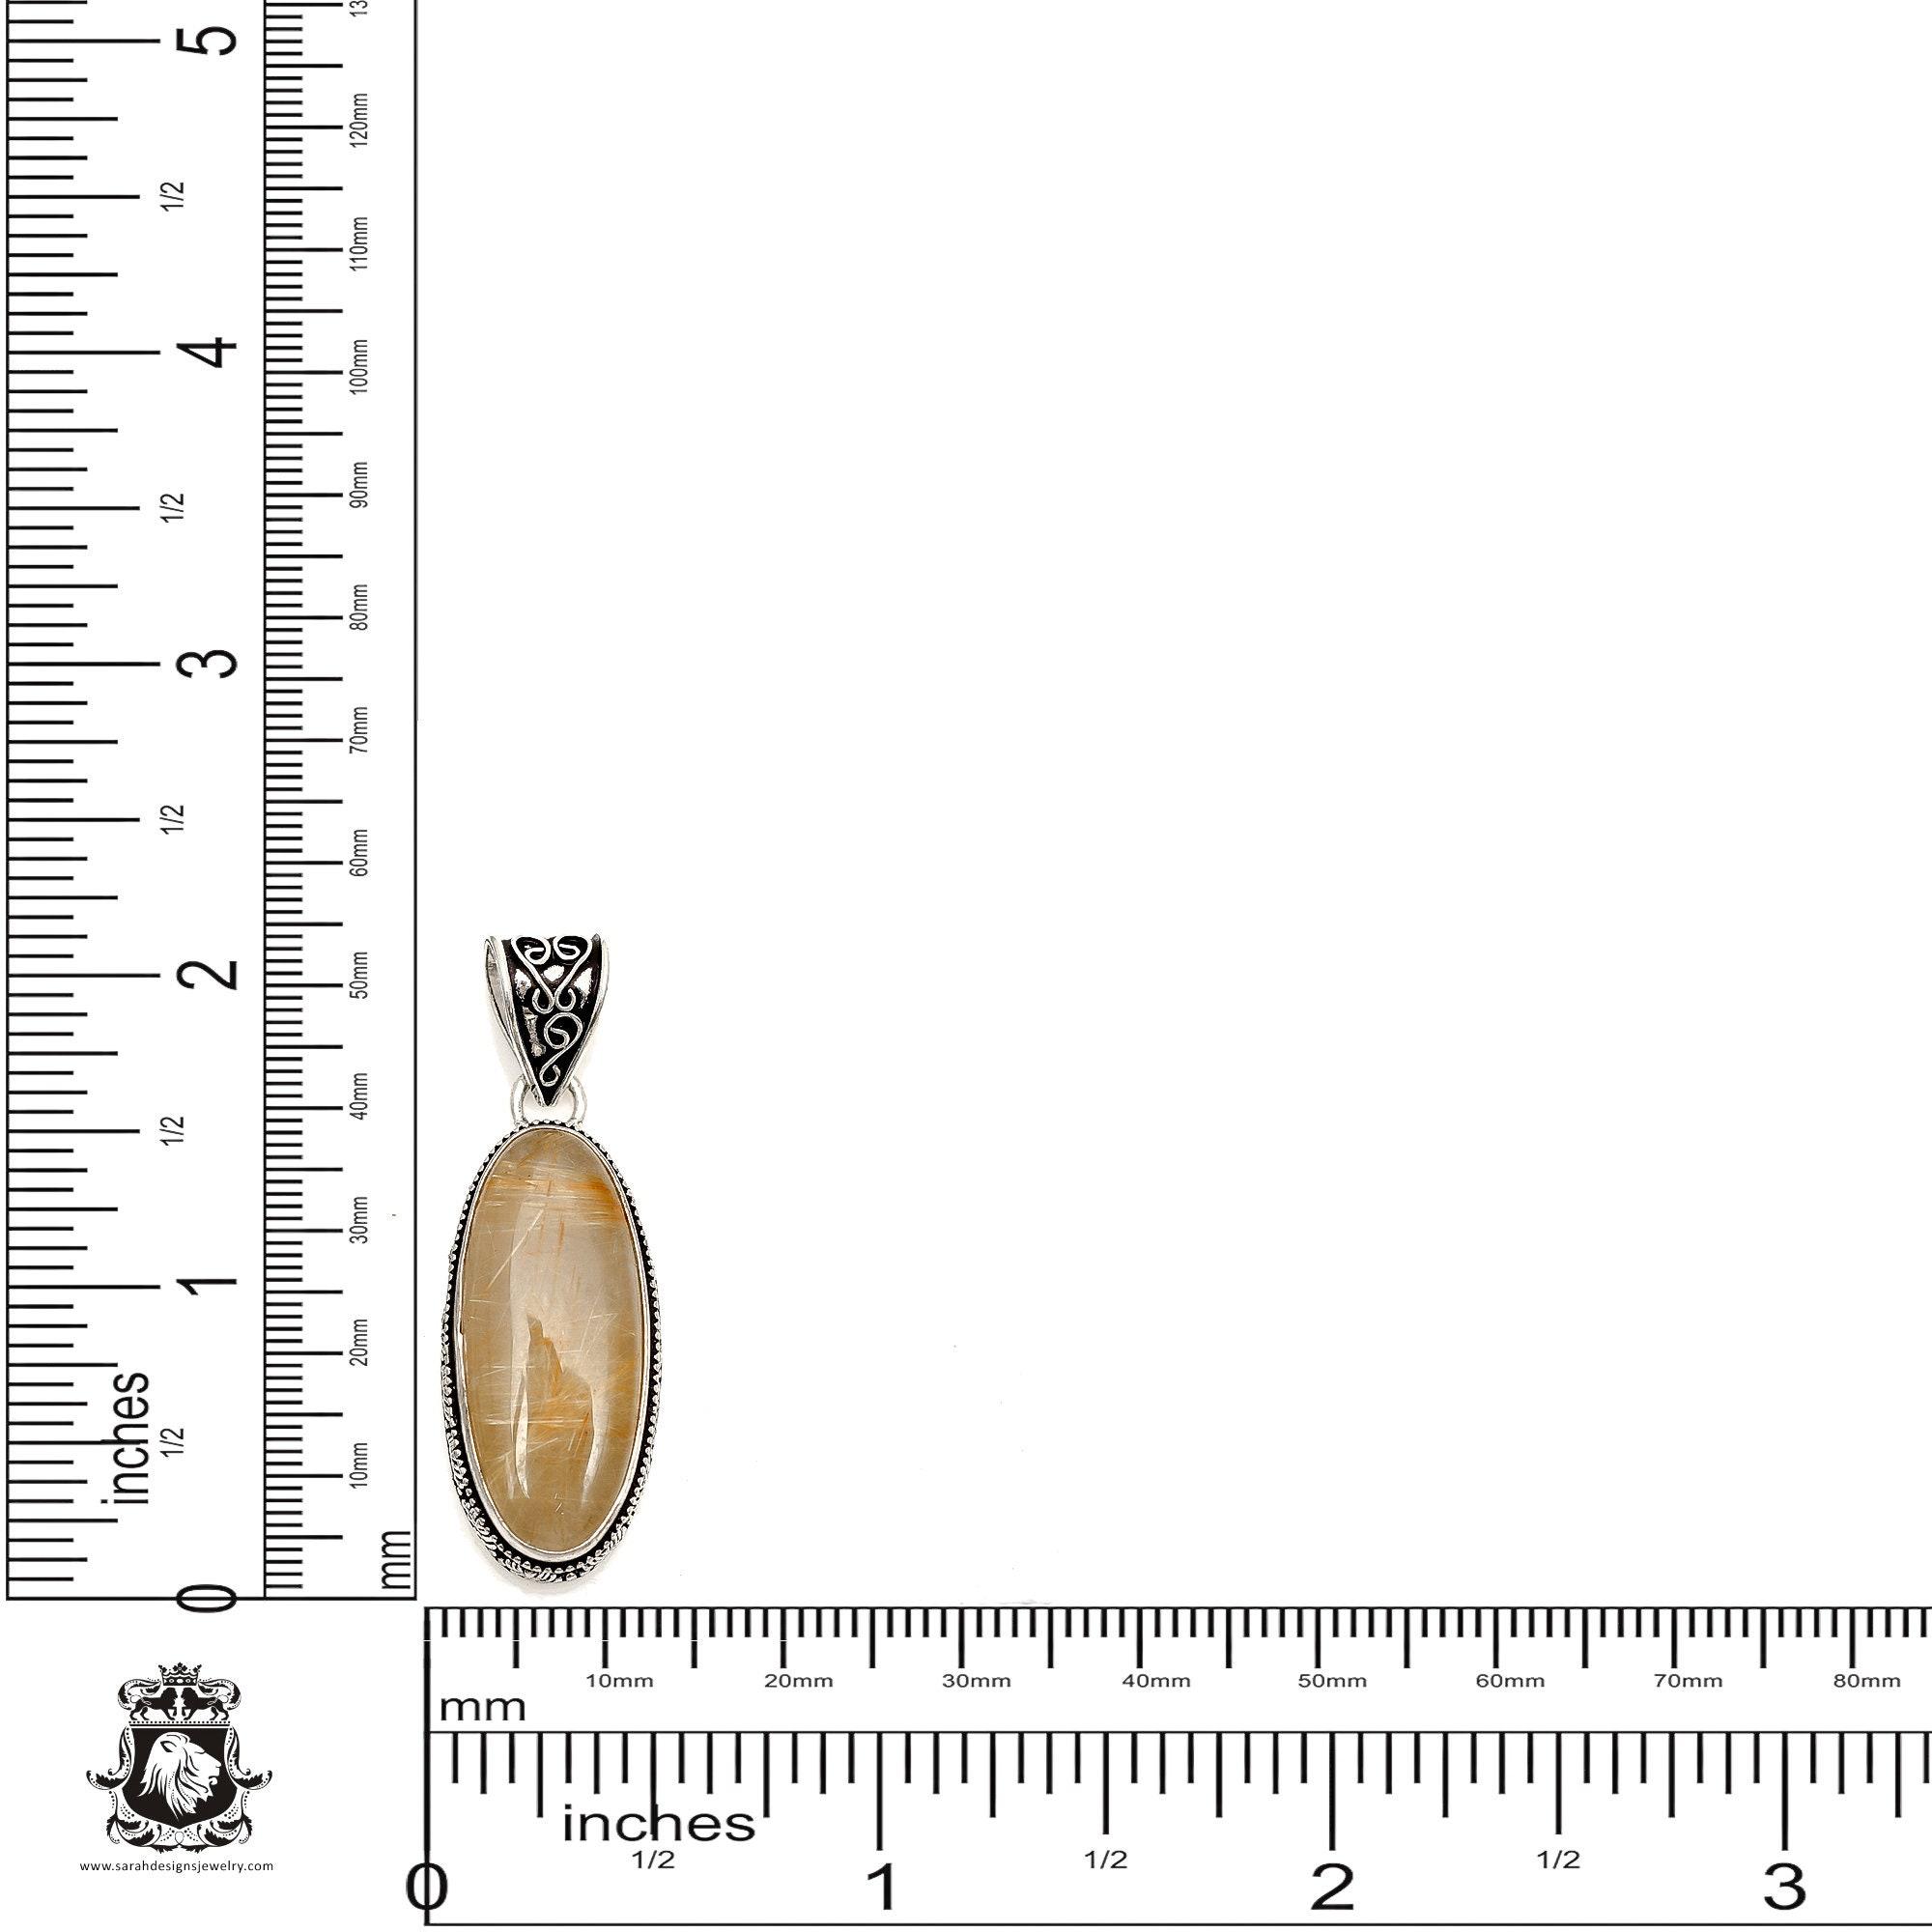 RUTILE RUTILATED Quartz Pendant 4MM Italian Snake Chain V1163